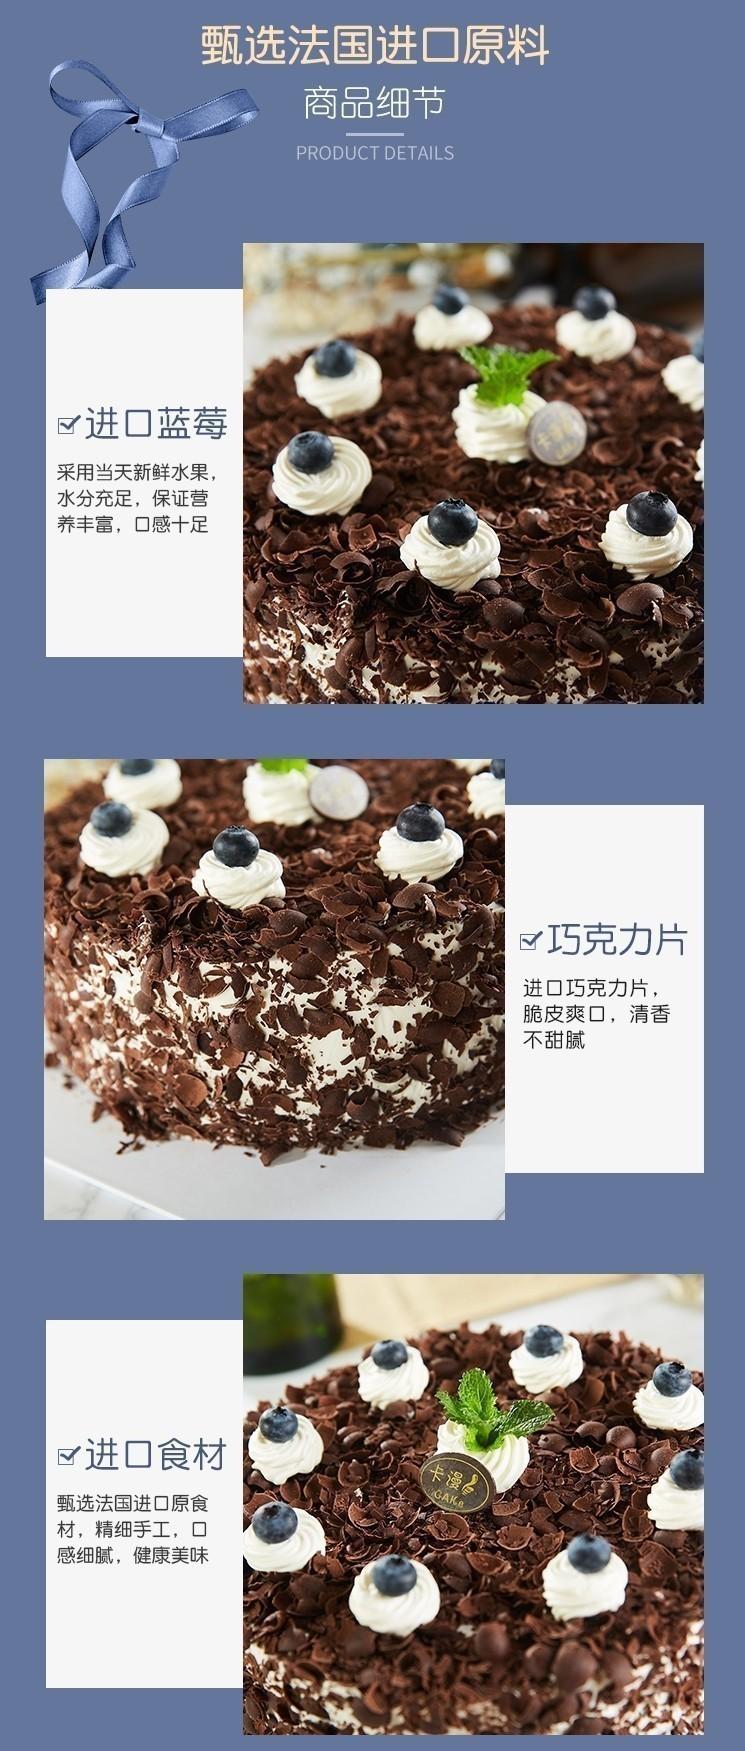 【上海7店苏州4店可配送到家】138元购双层蛋糕10寸+6寸10款可选!精选法国进口原材料!手工制作,造型精美!无法抵御的甜蜜诱惑!